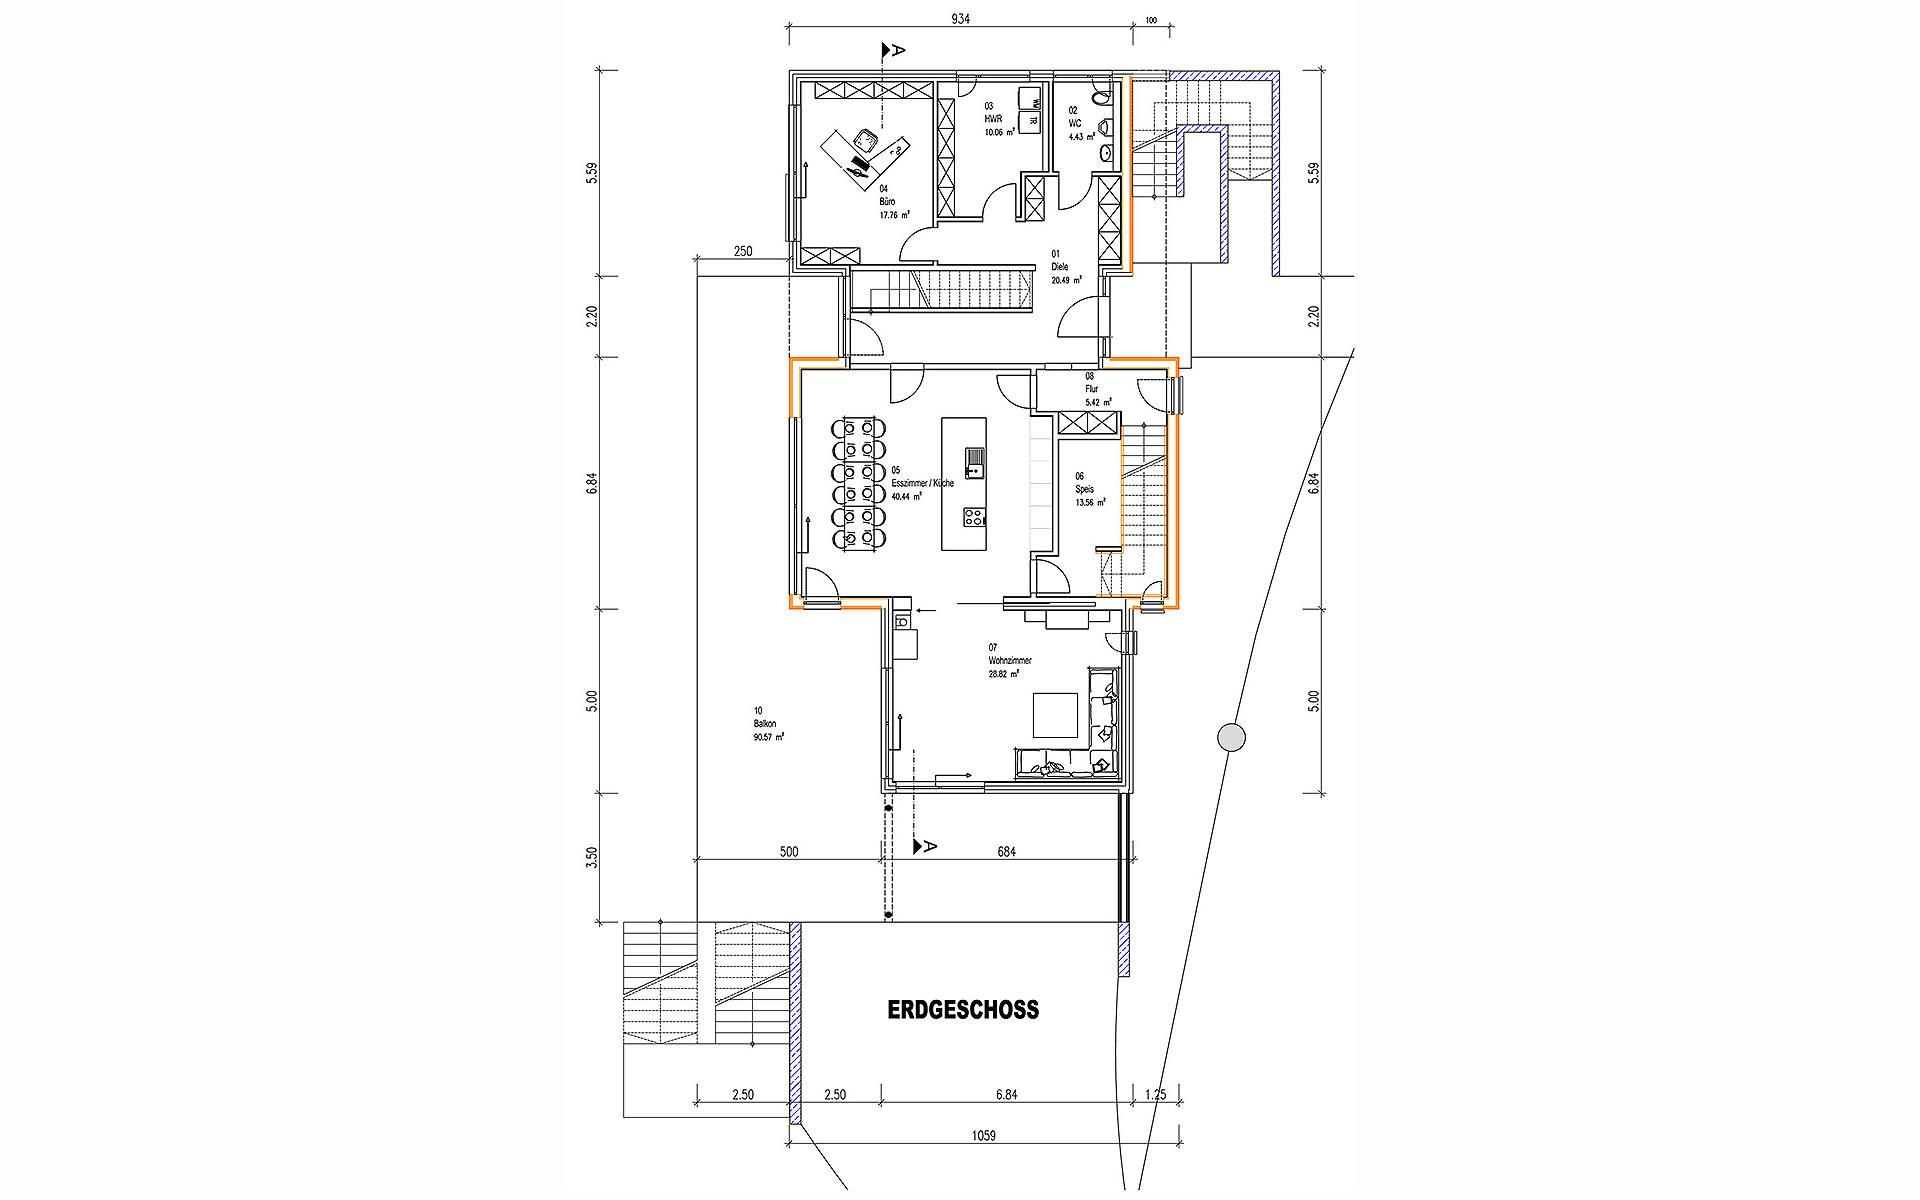 Erdgeschoss Kornfeld von Sonnleitner Holzbauwerke GmbH & Co. KG